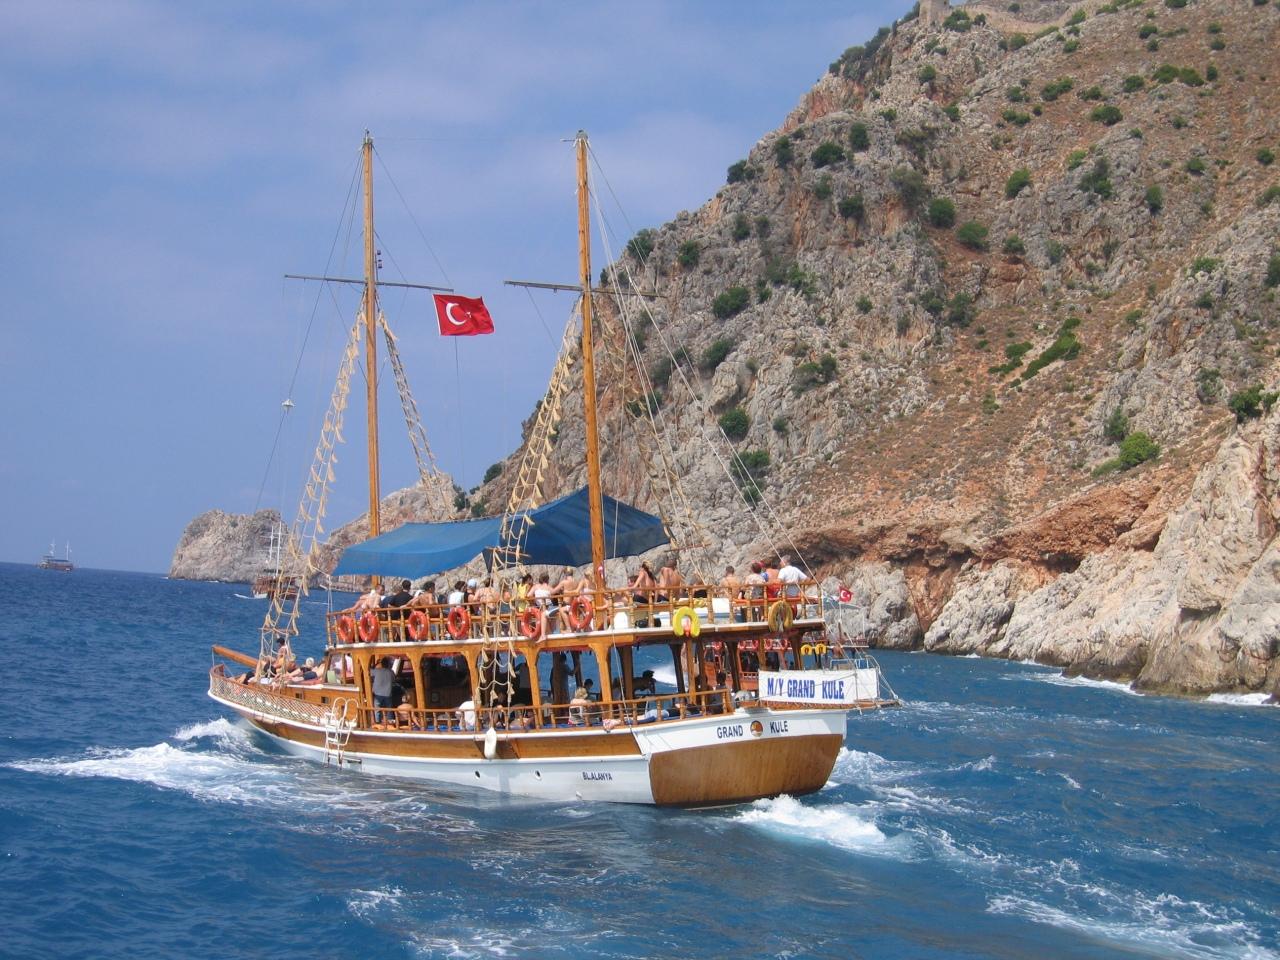 Экскурсия на яхте Викинг